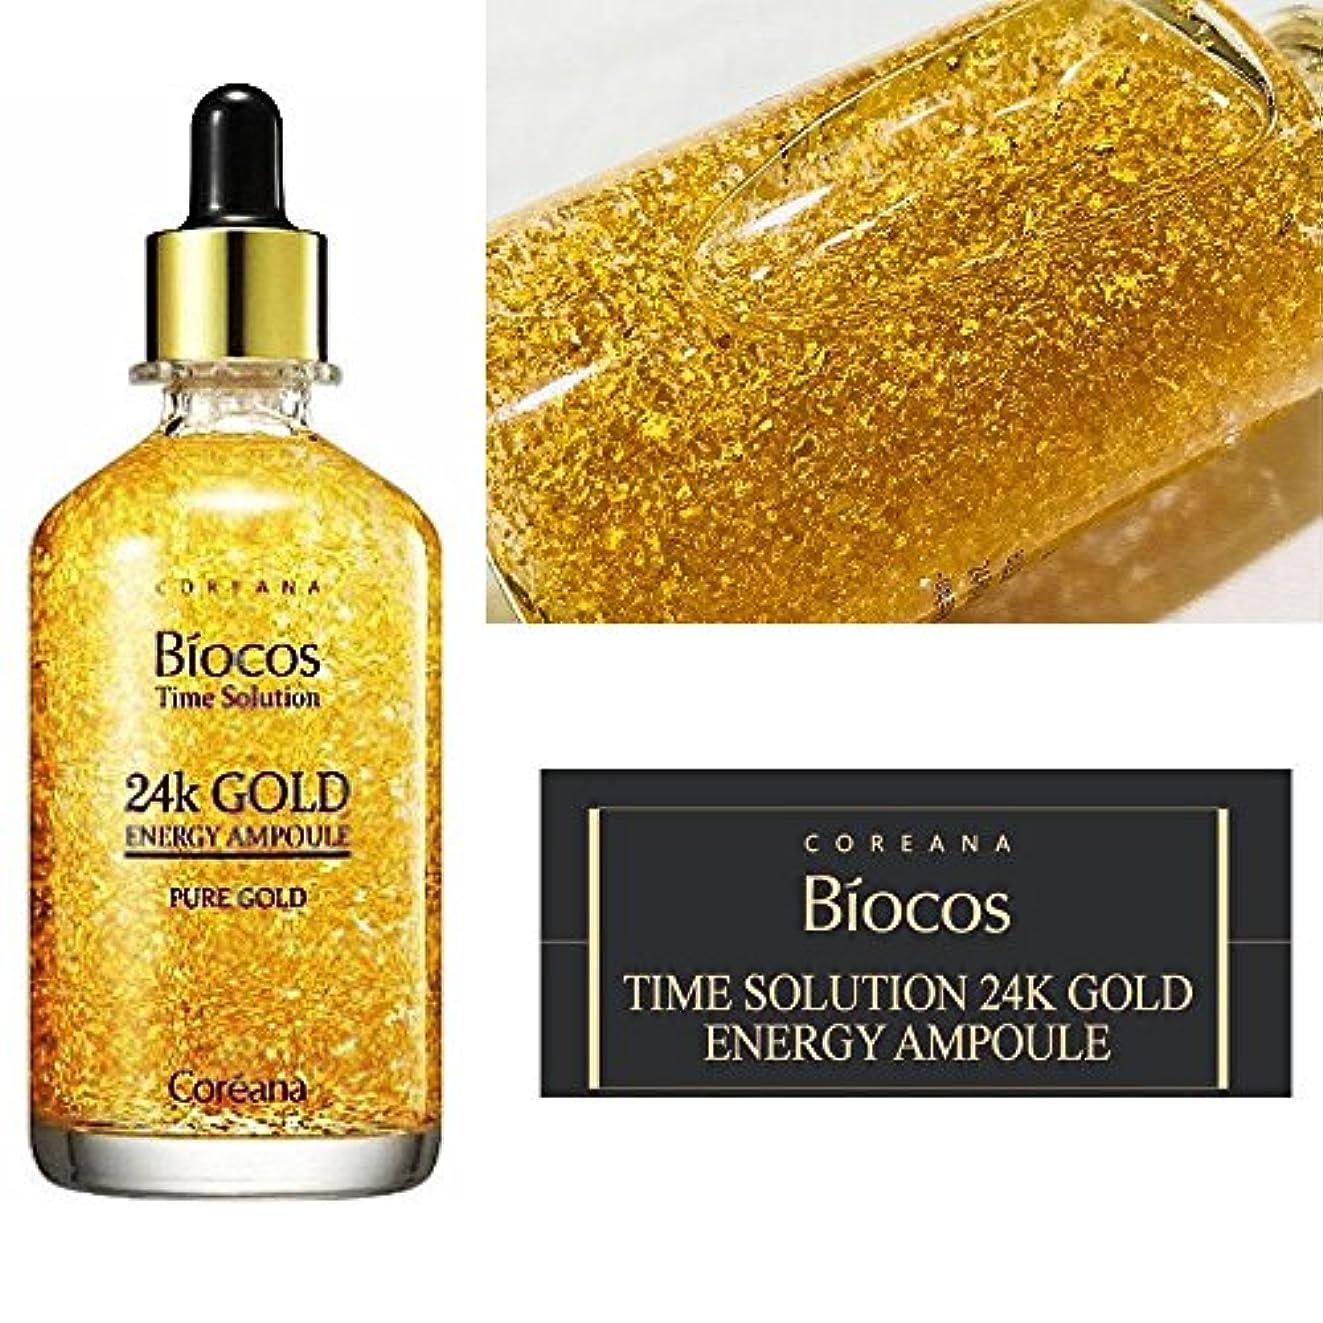 タイトル見積り長いです[COREANA] Biocos Time Solution 24kゴールドエナジーアンプル100ml/[COREANA] Biocos Time Solution 24K Gold Energy Ampoule - 100ml